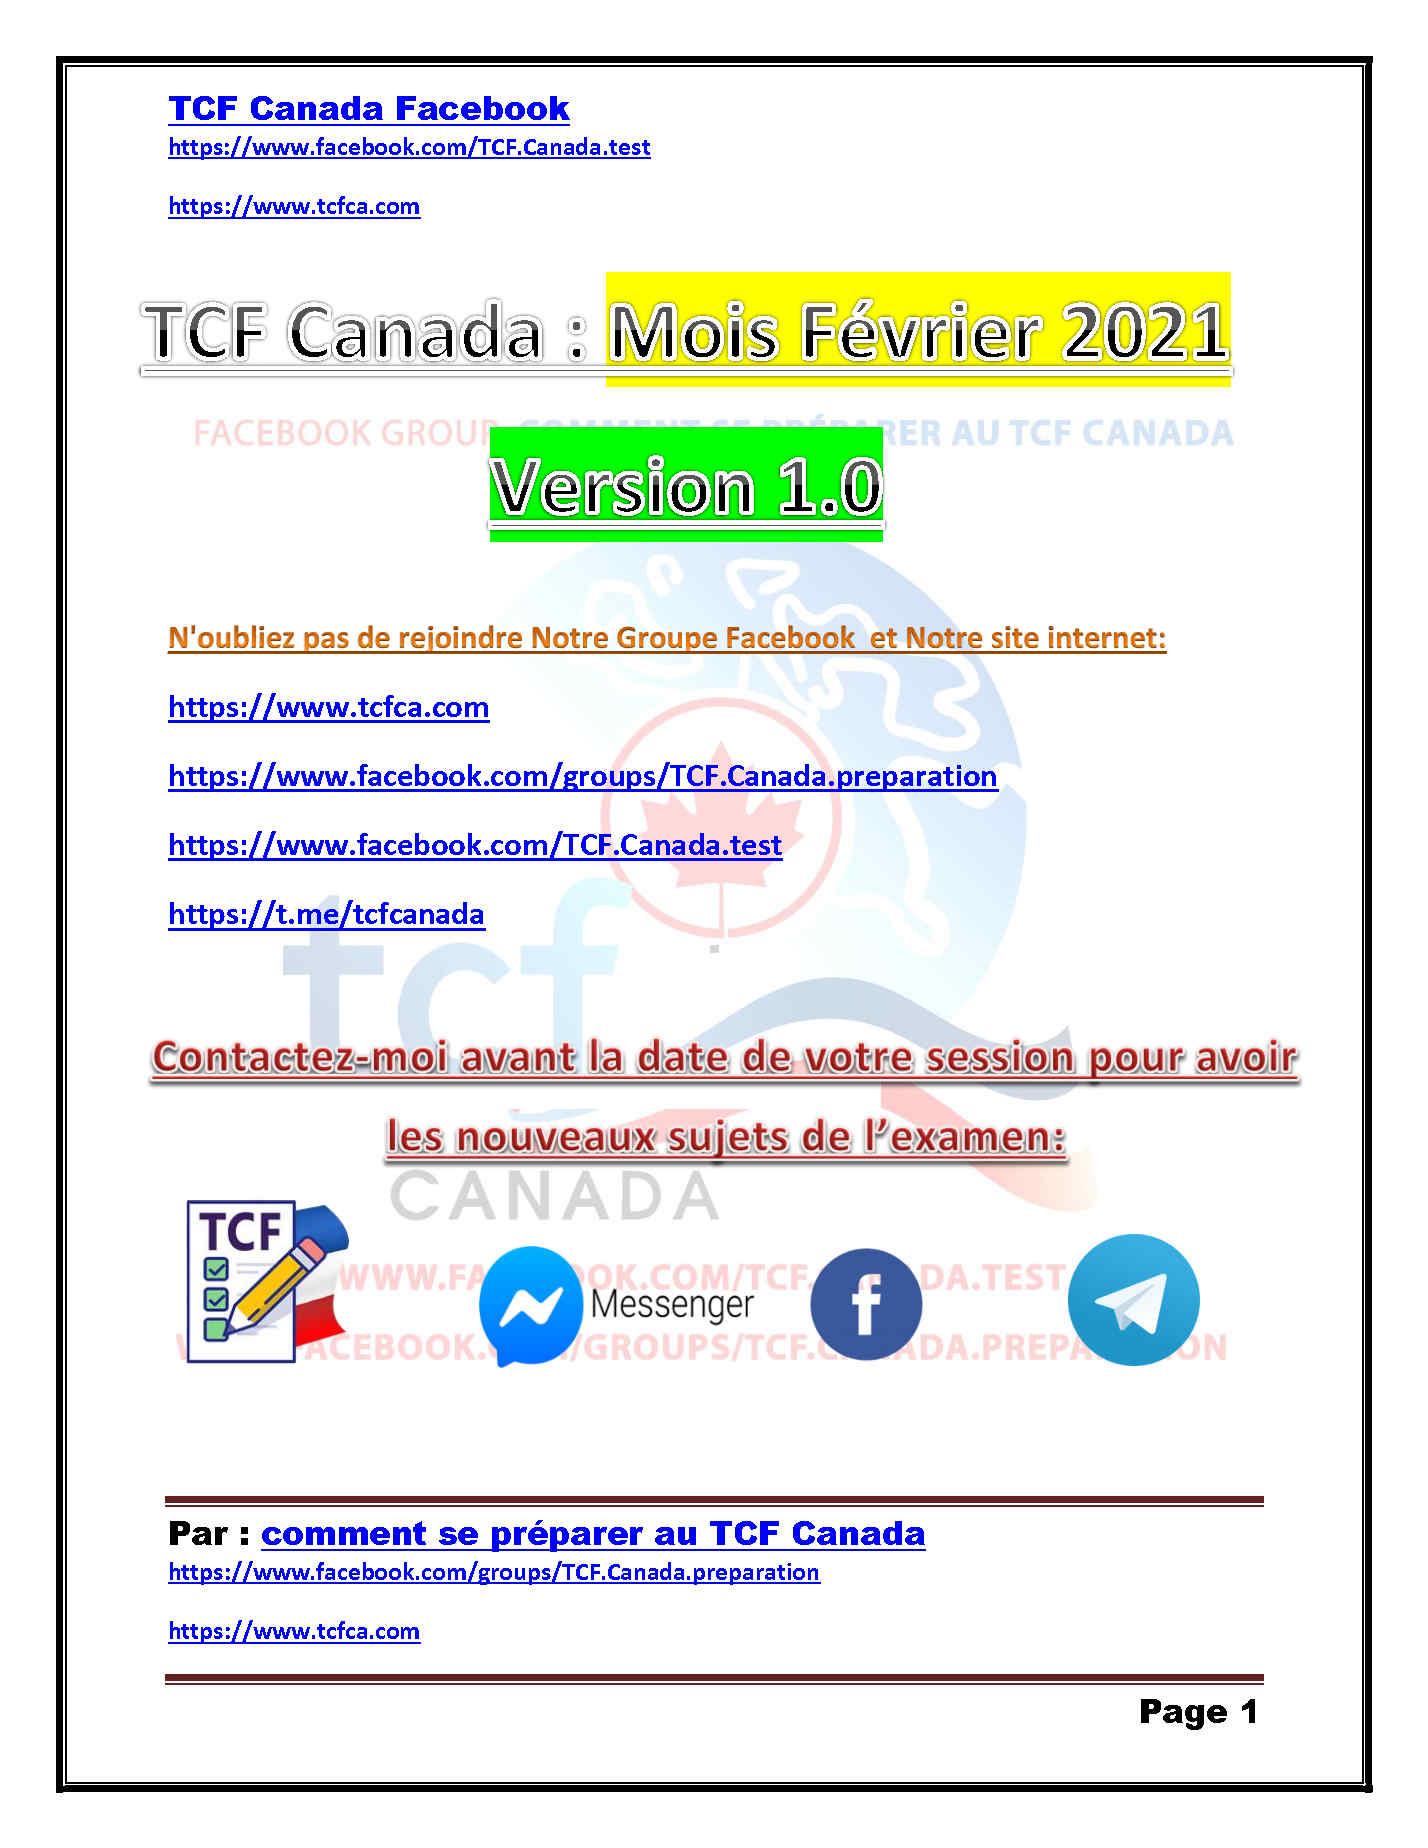 TCF Canada Sujets de Février 2021 Expression Écrite et Orale